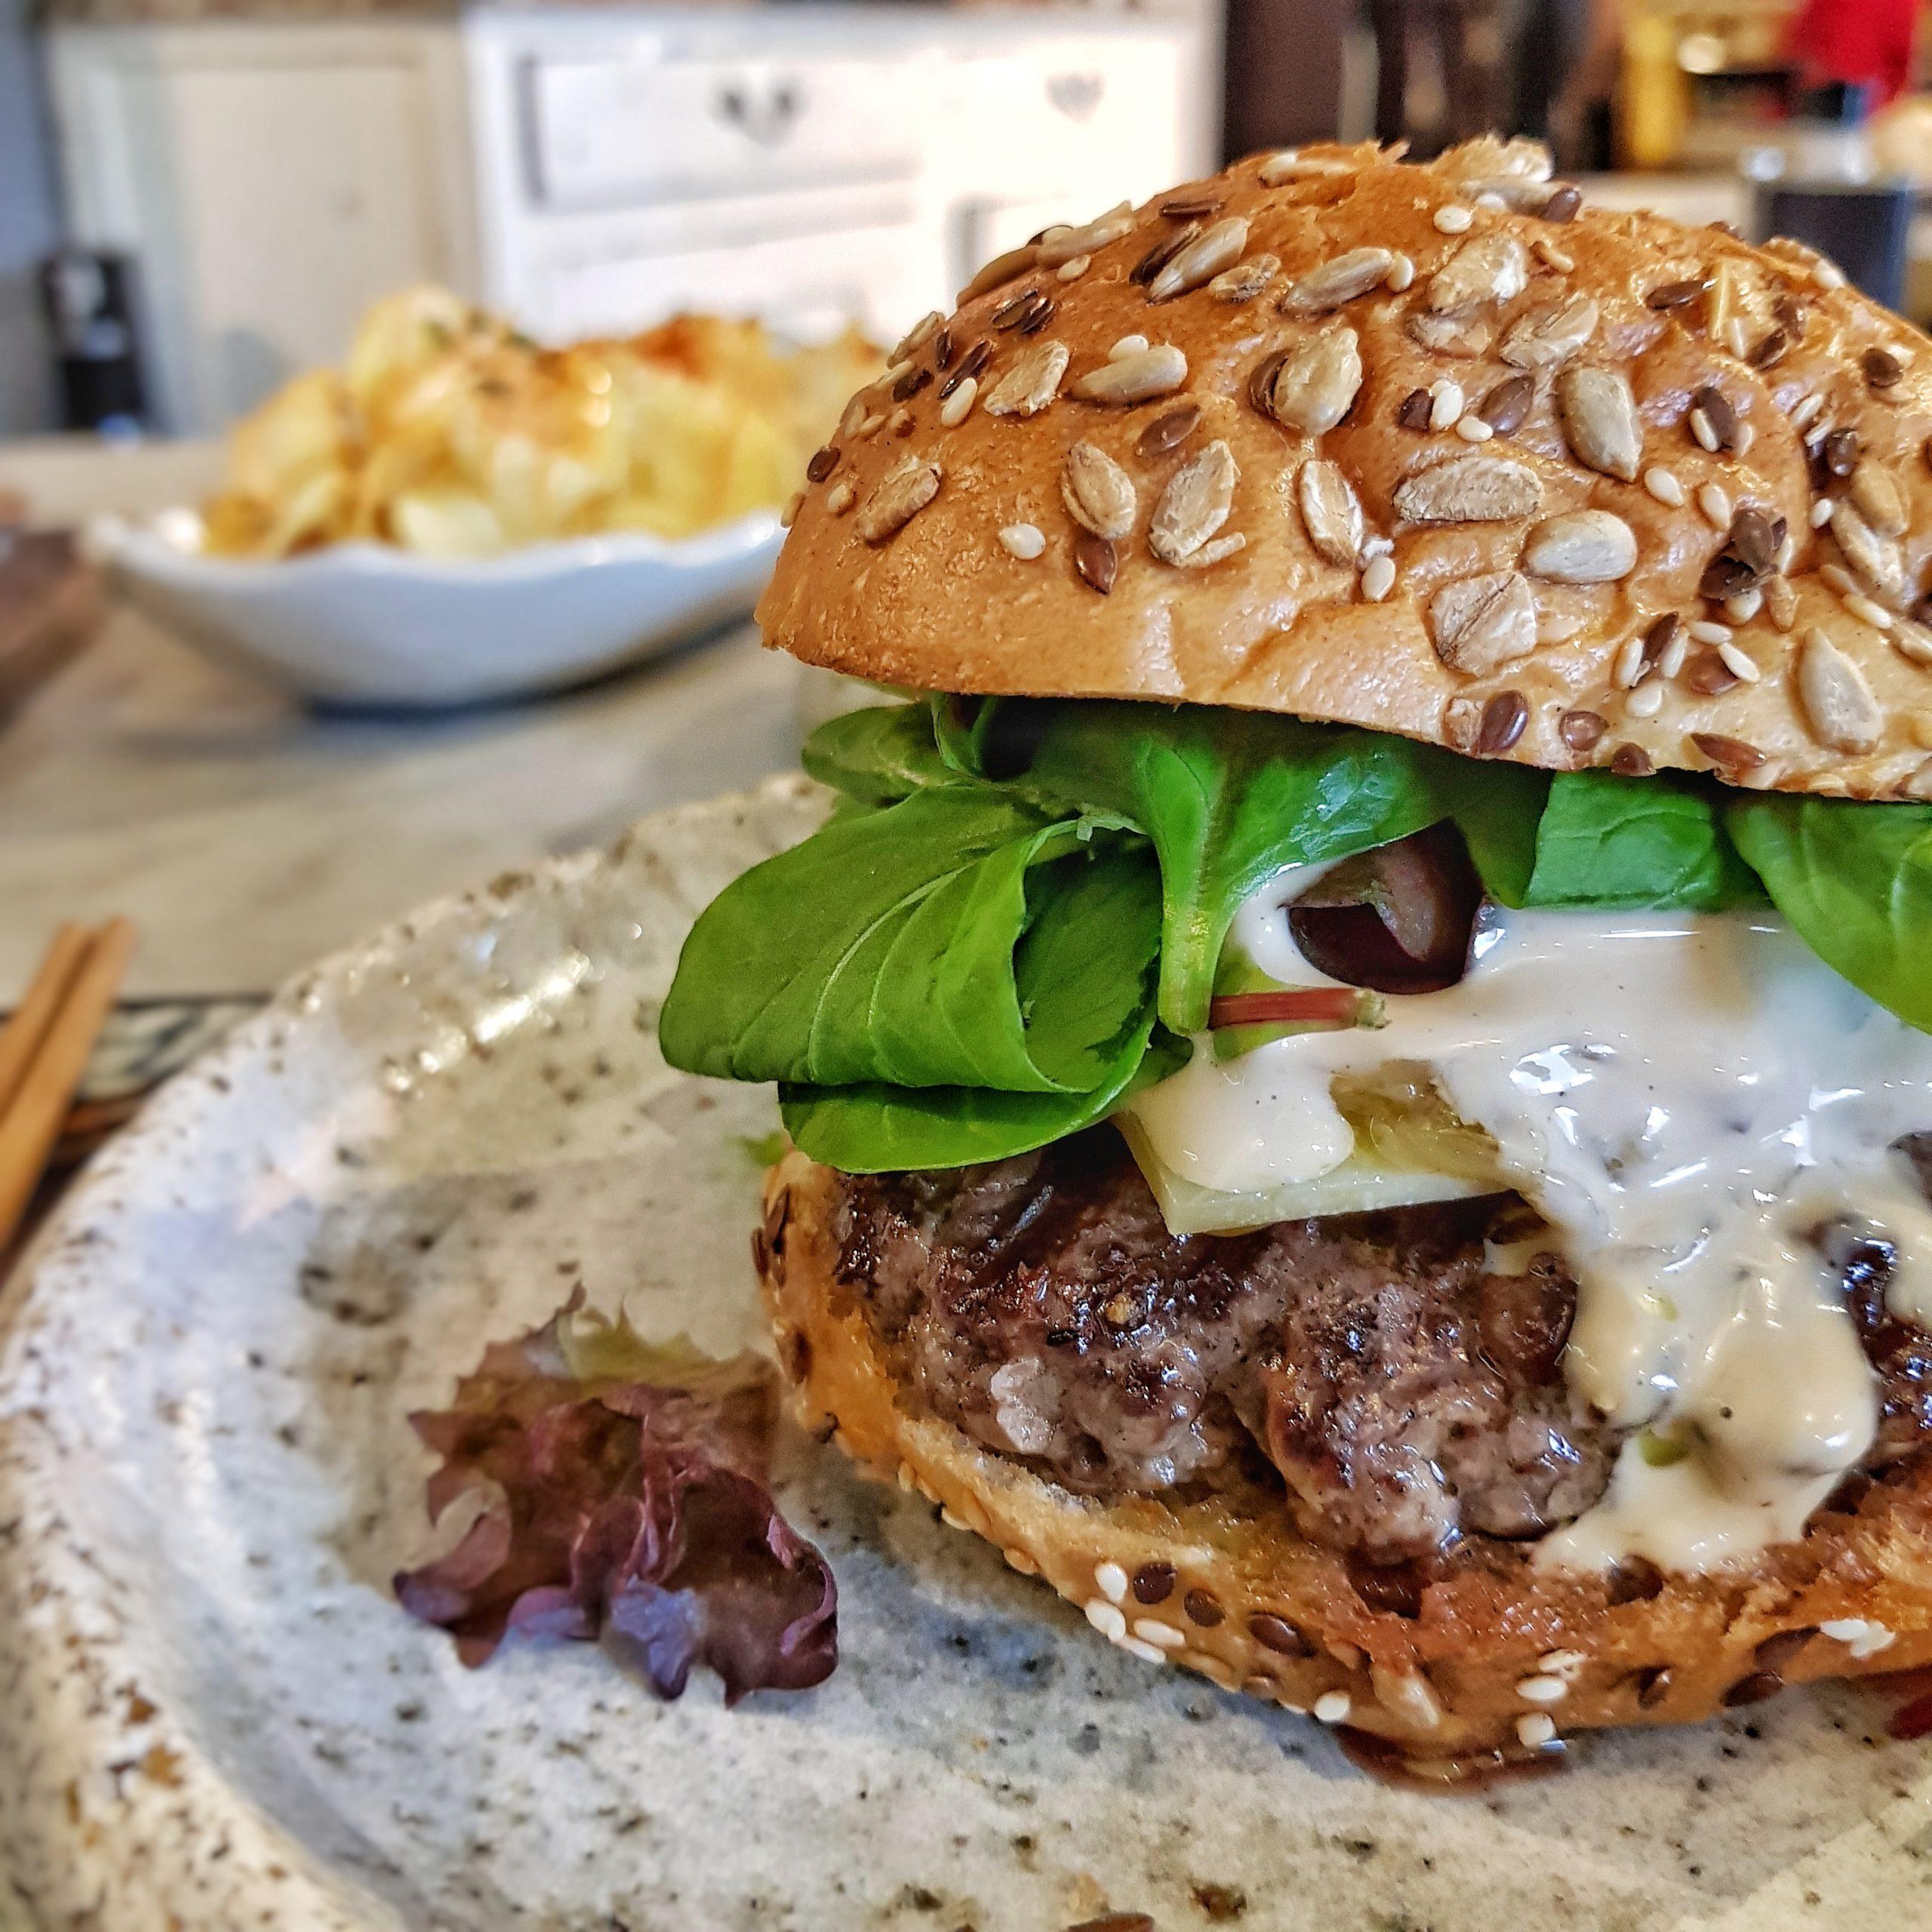 La receta de la hamburguesa perfecta